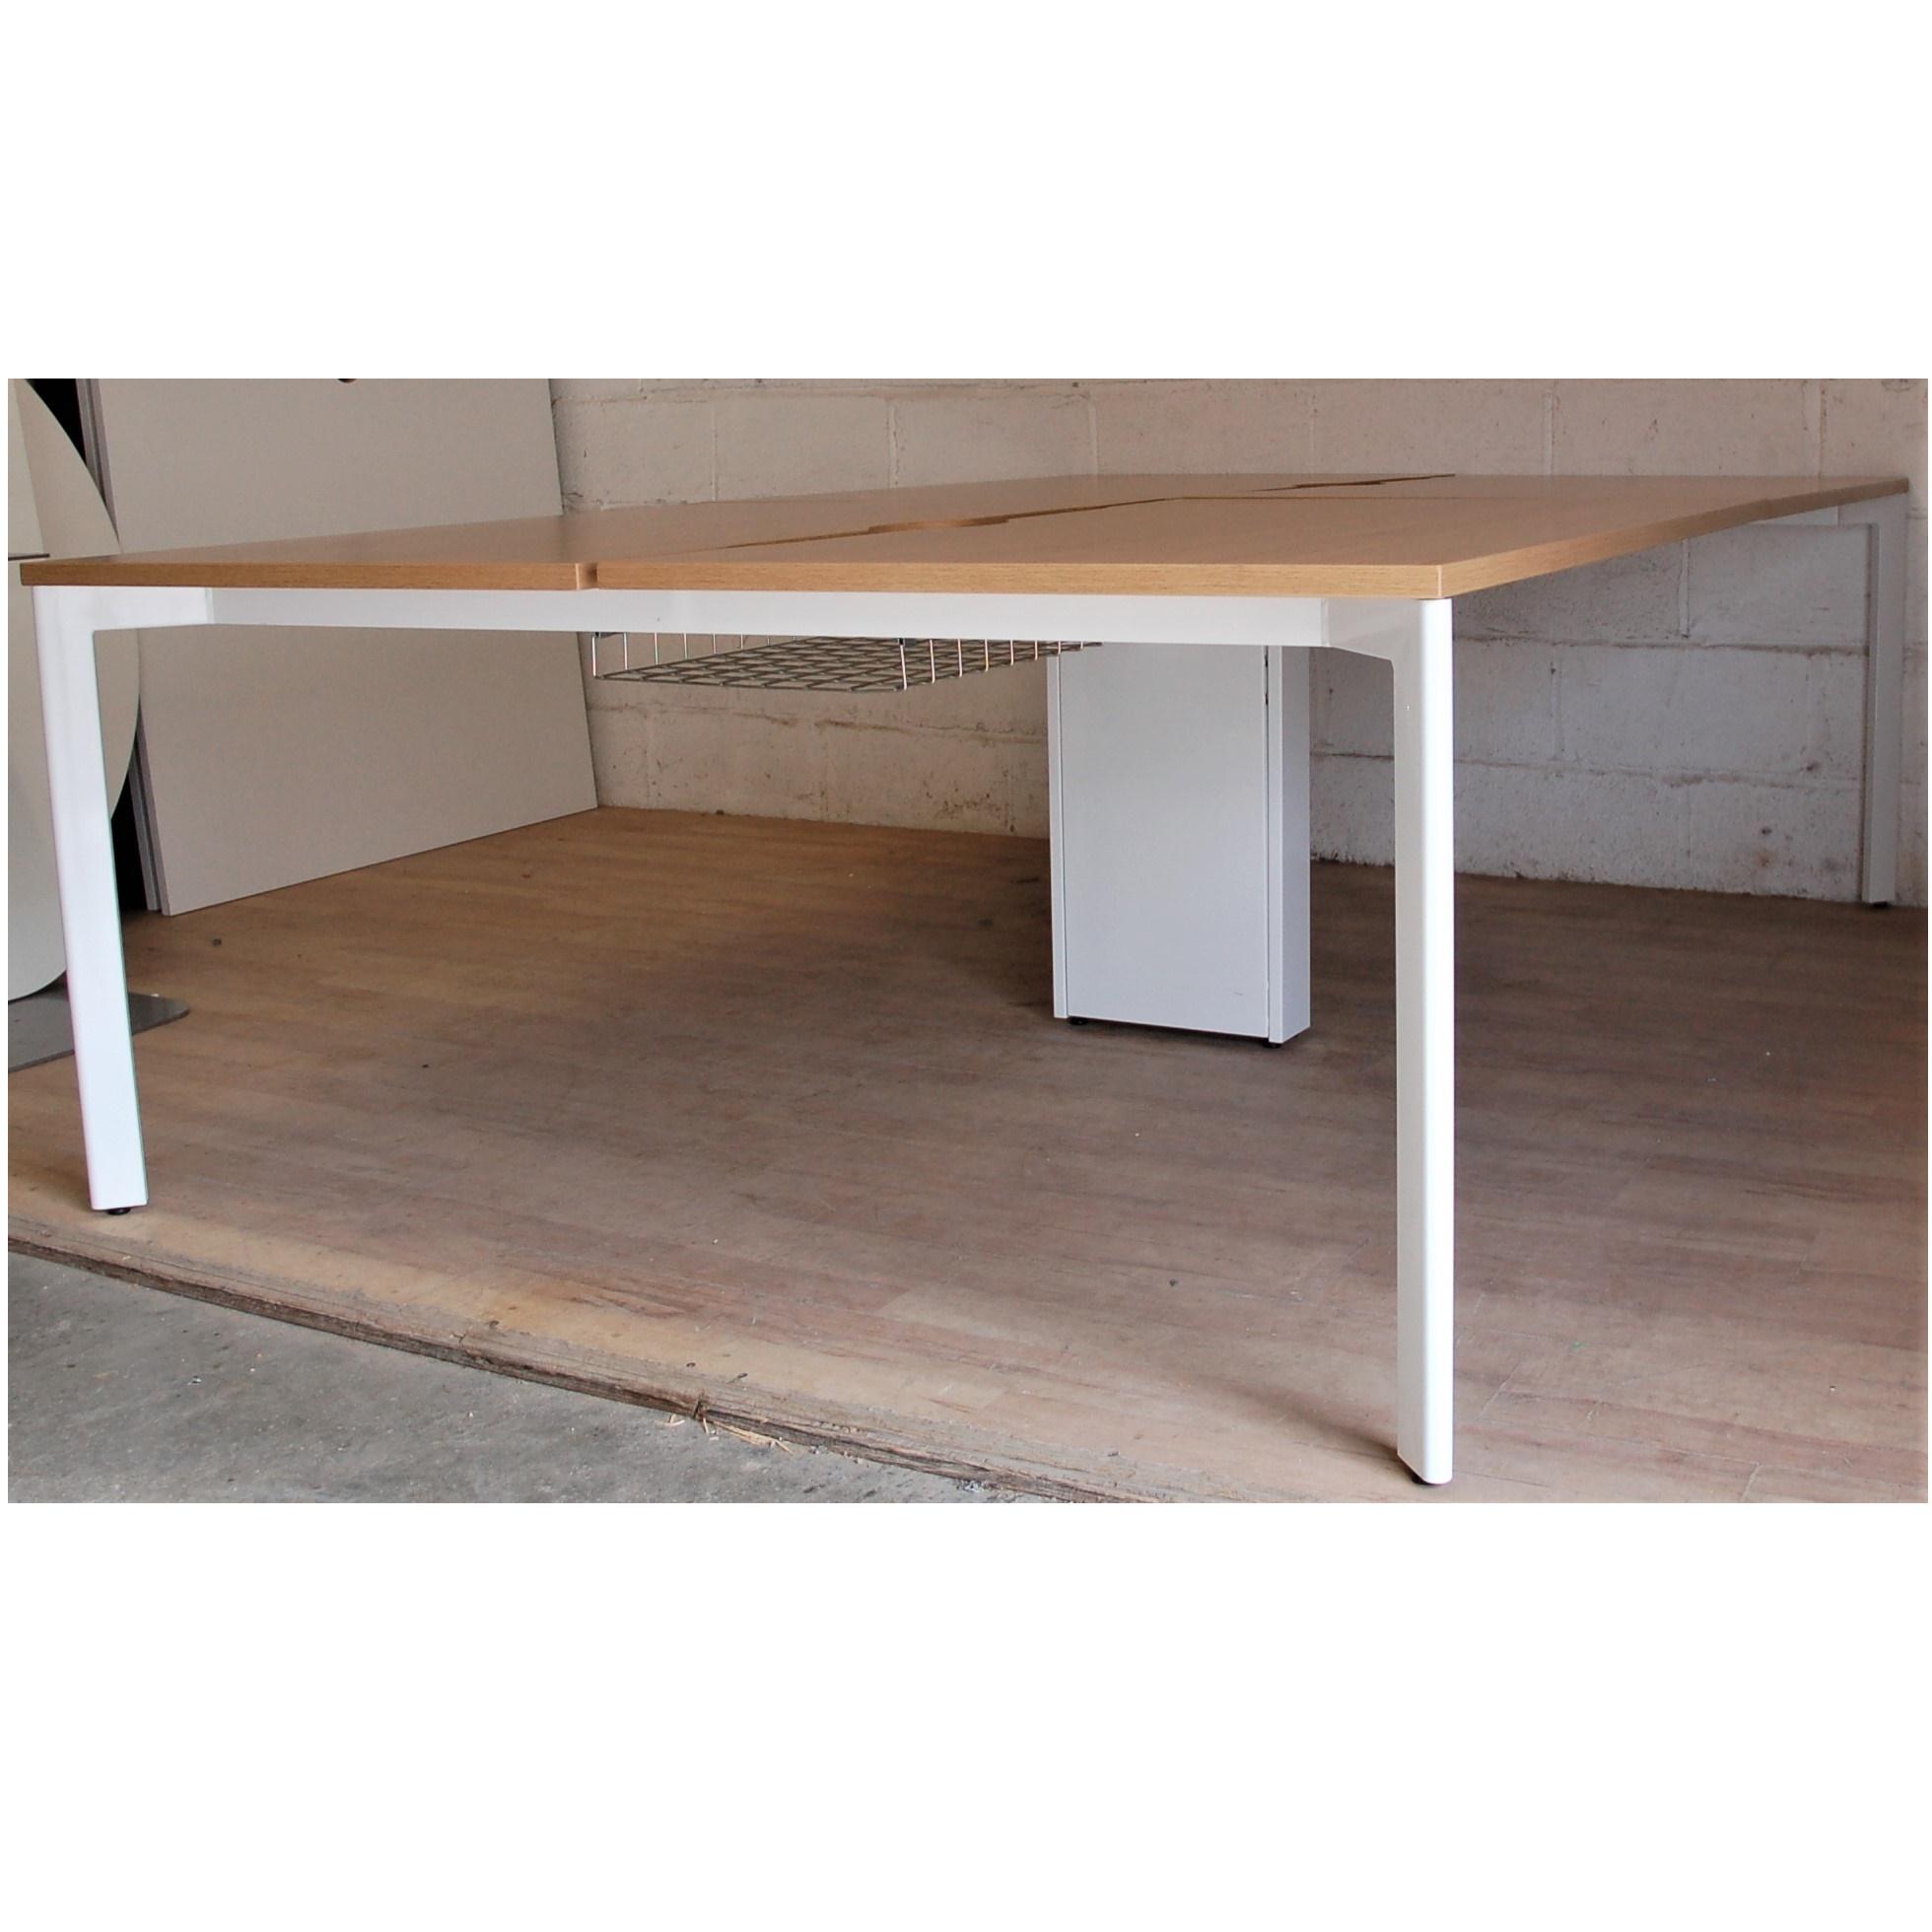 Wondrous Sven Christiansen X Range Bench Desk Oak White 11139 Cjindustries Chair Design For Home Cjindustriesco